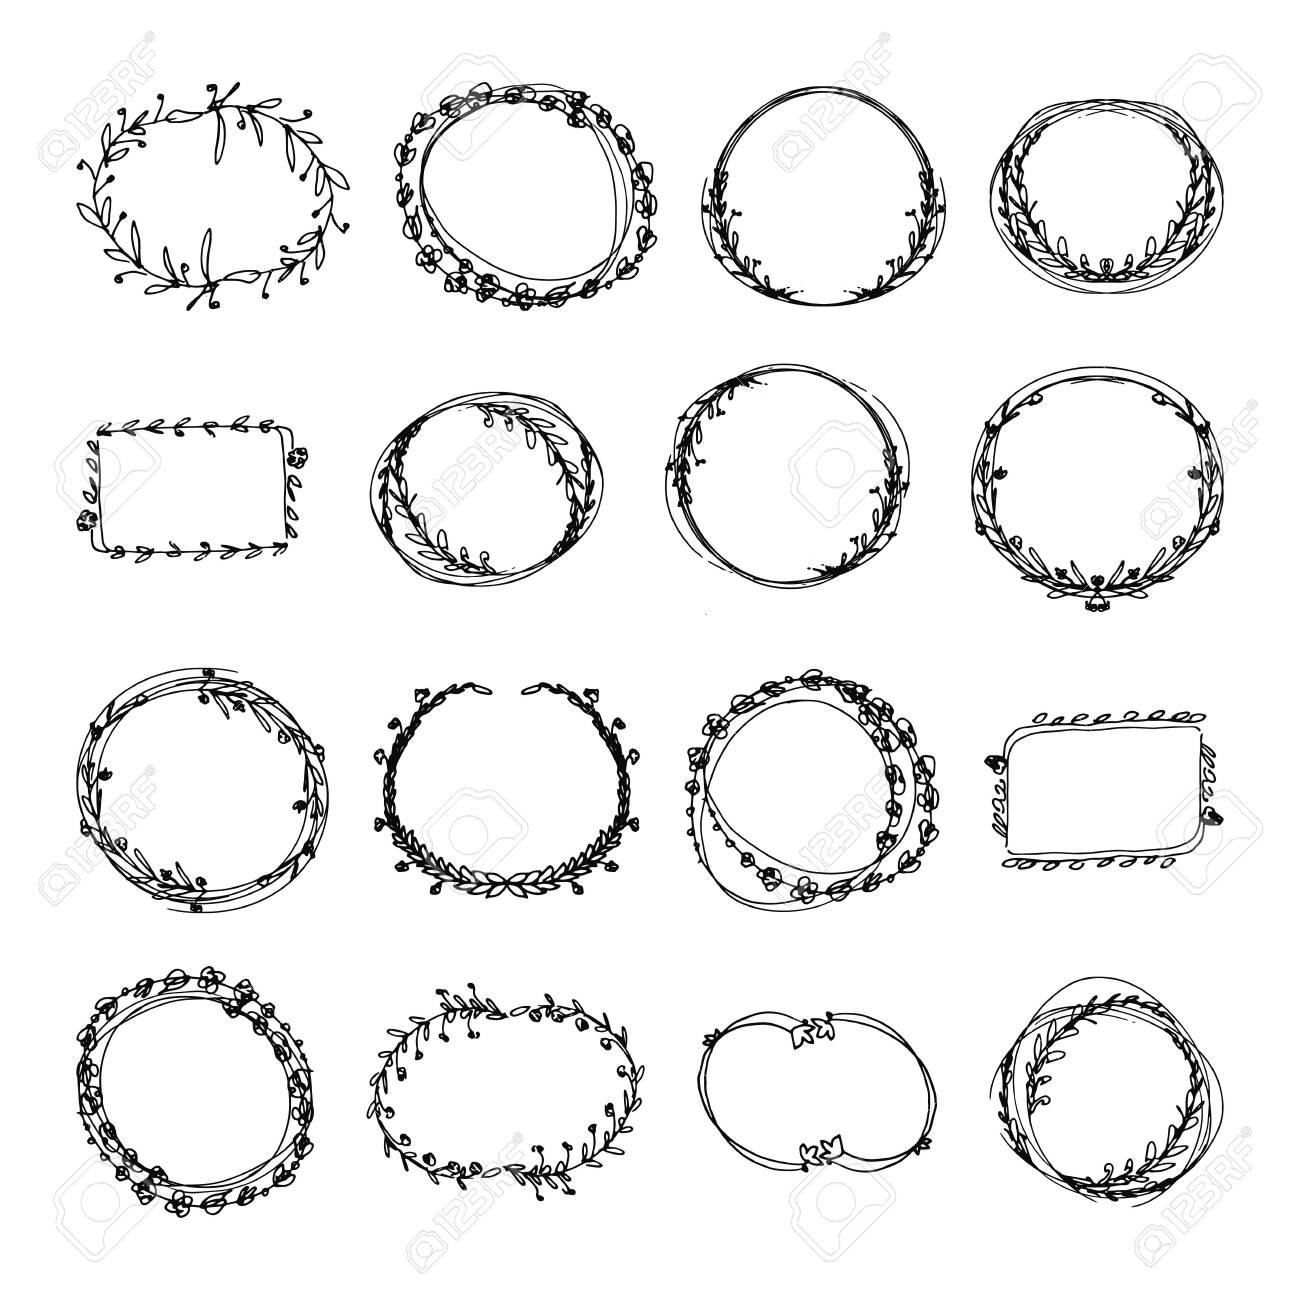 Hand drawn doodle floral frames set. black and white vector illustration - 122032625